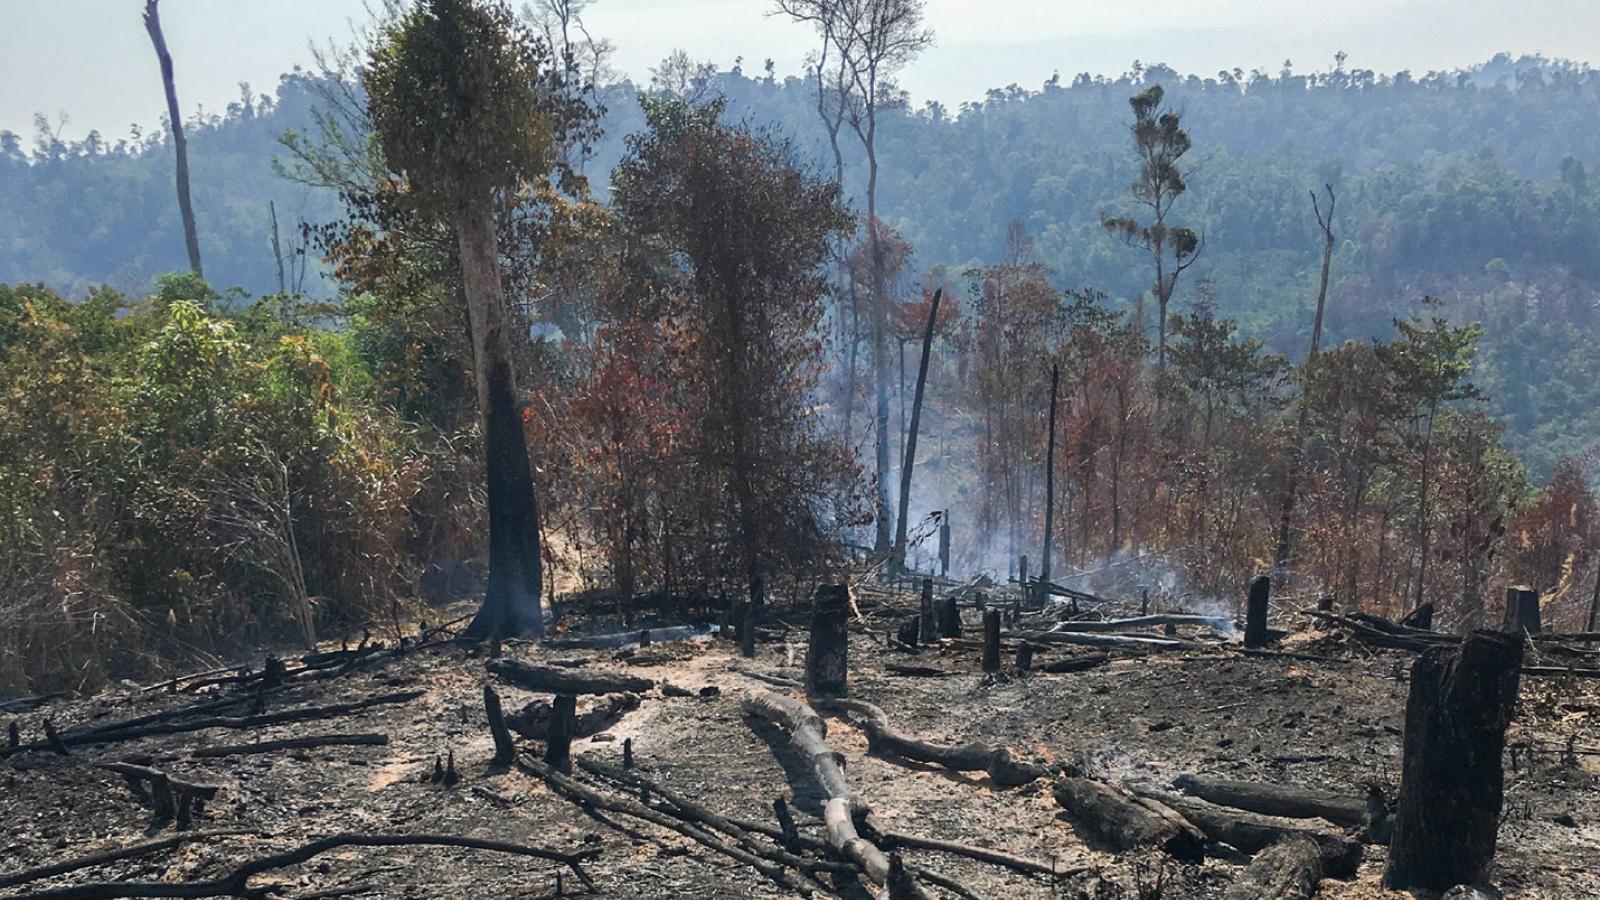 Phá rừng, chiếm đất tràn lan tại Đắk Lắk: Buông lỏng quản lý, xử lý chưa nghiêm